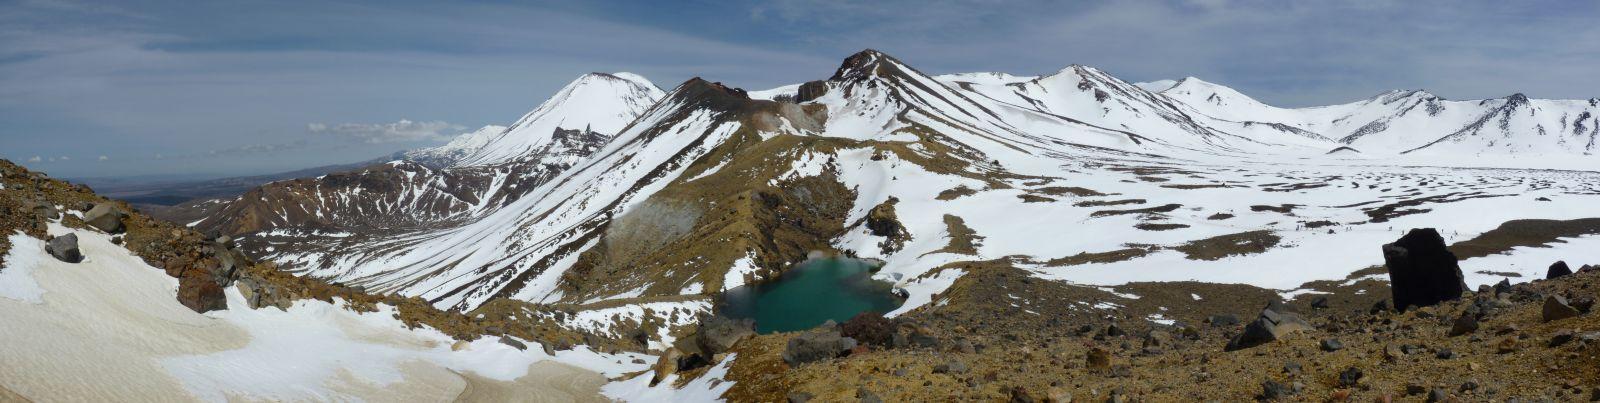 tongariro-alpine-crossing-12